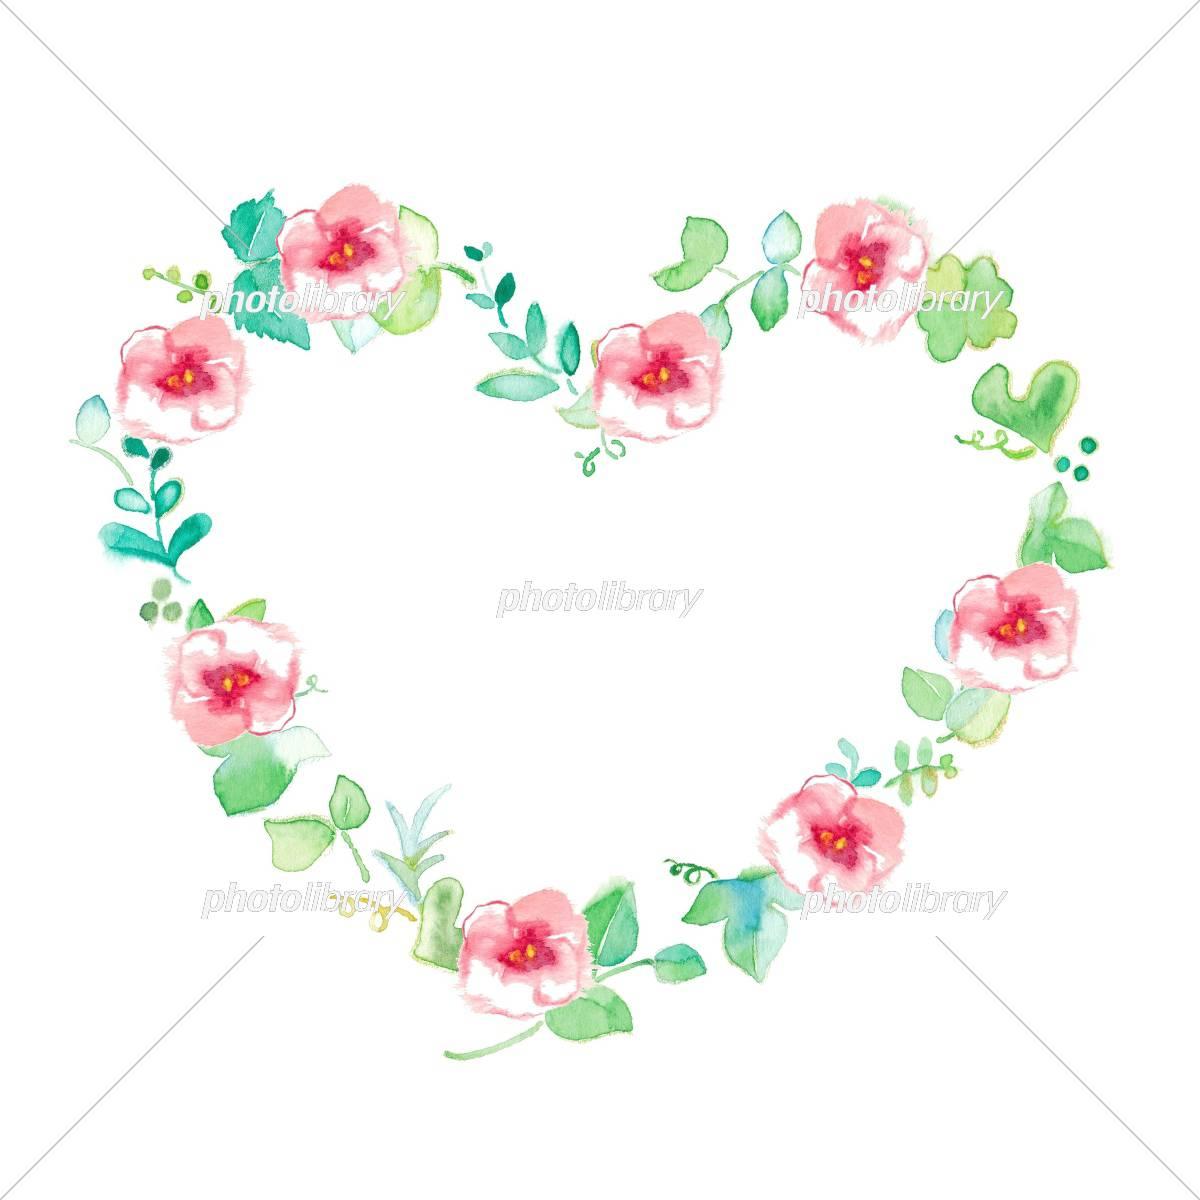 花のフレーム グリーン ハート イラスト素材 [ 5310211 ] - フォトライブ